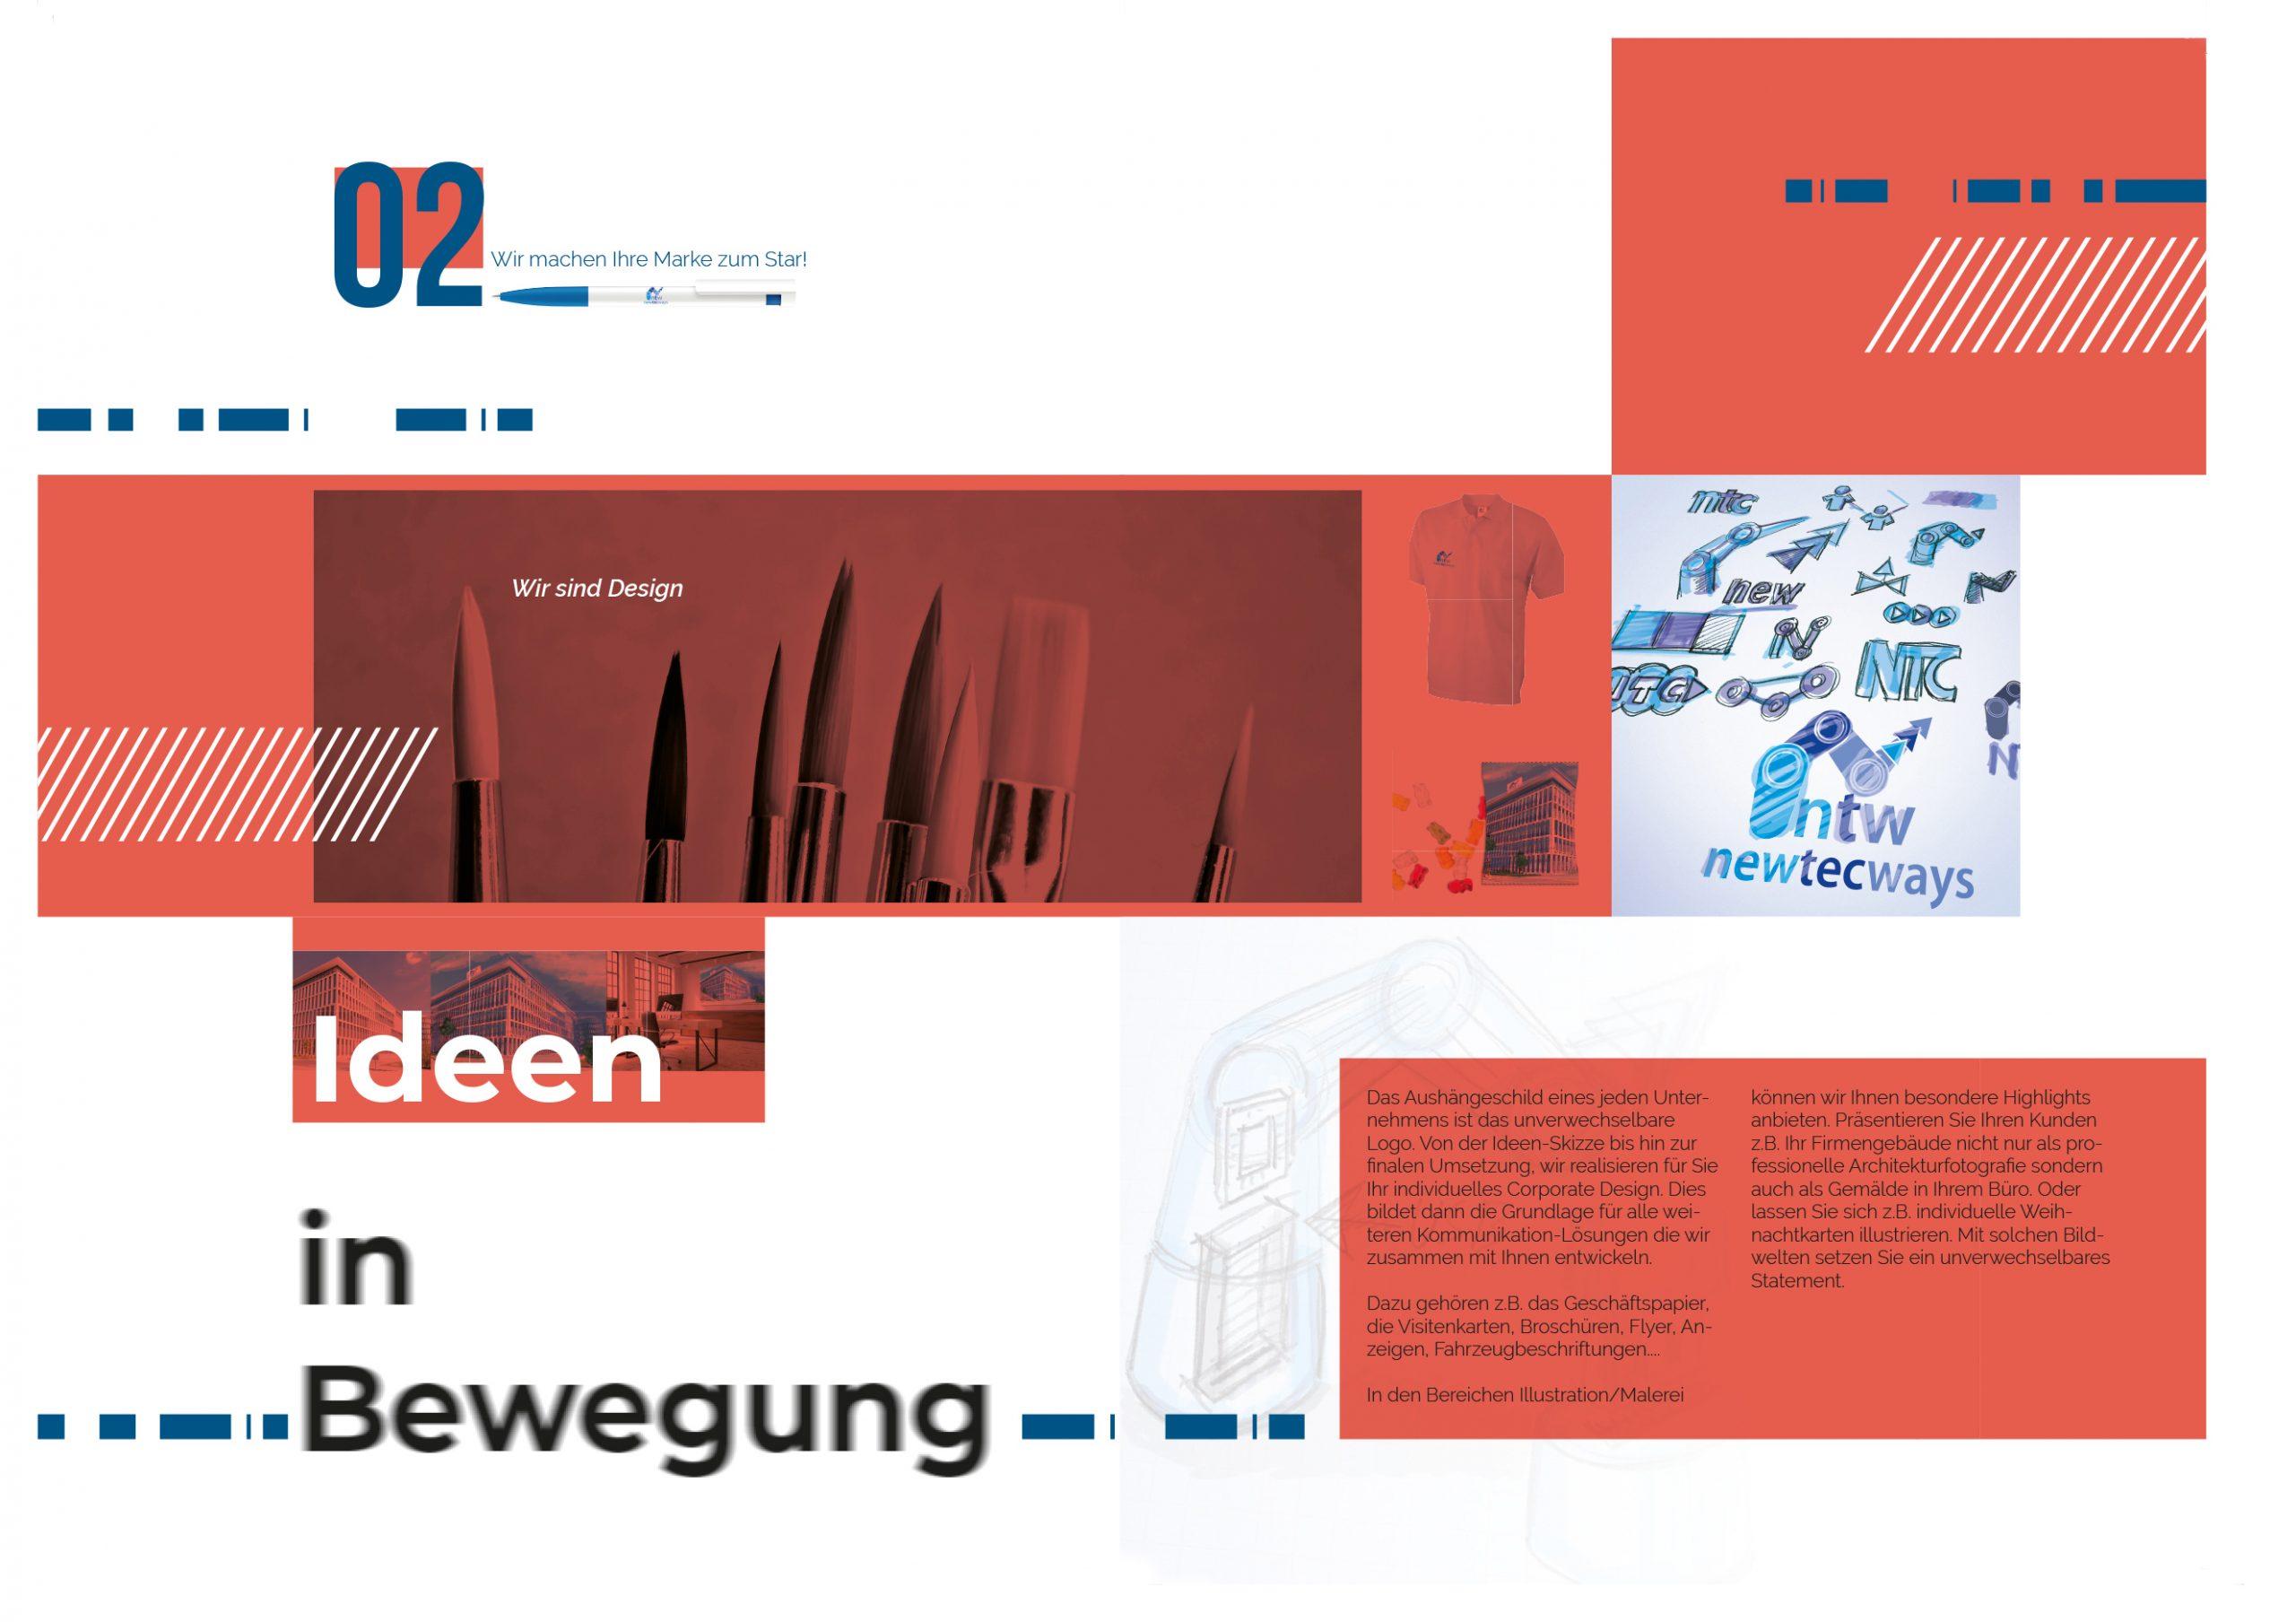 IWR Design